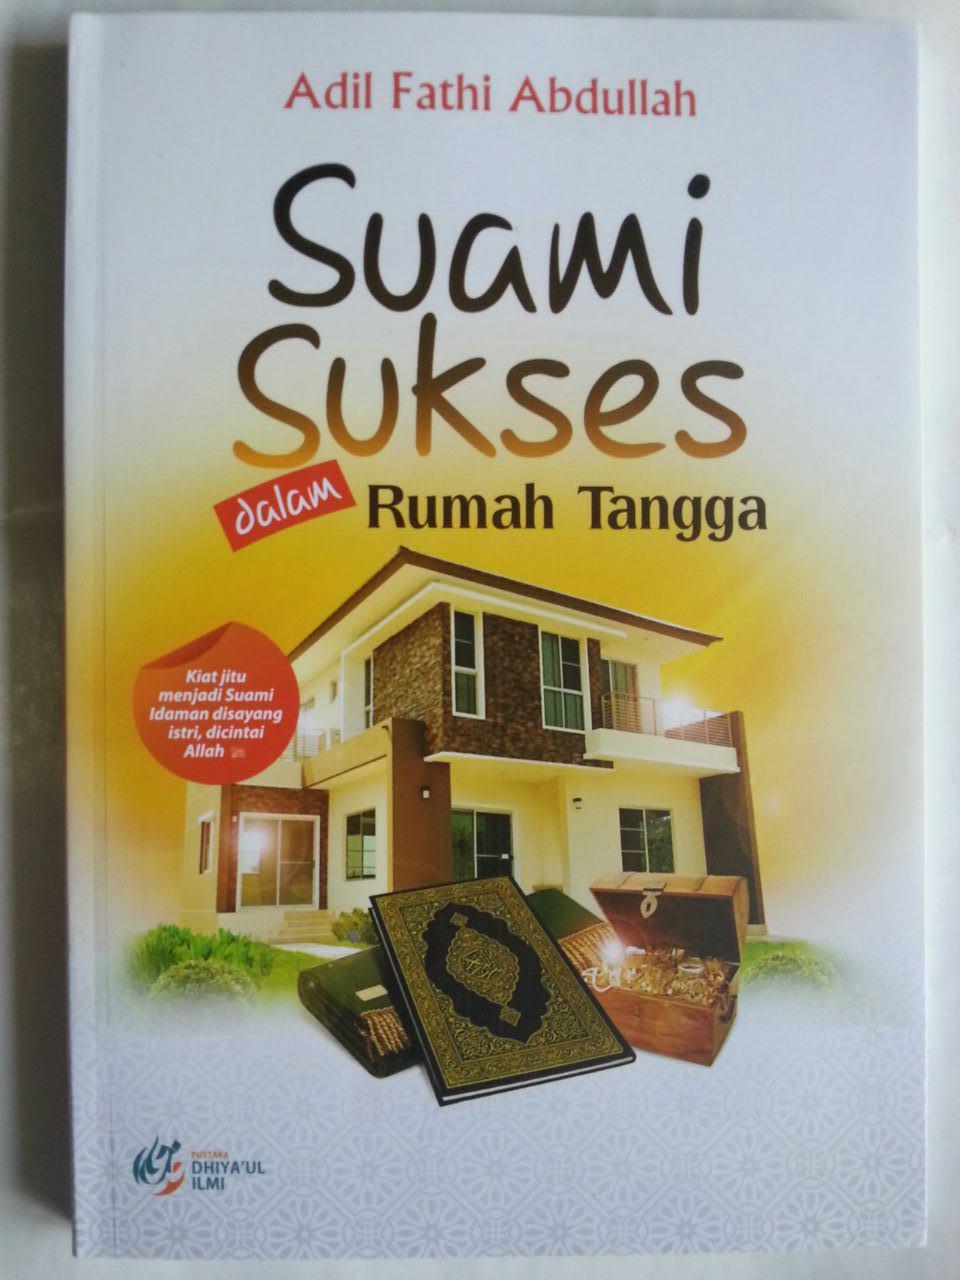 Buku Suami Sukses Dalam Rumah Tangga Kiat Jitu Menjadi Suami Idaman cover 2